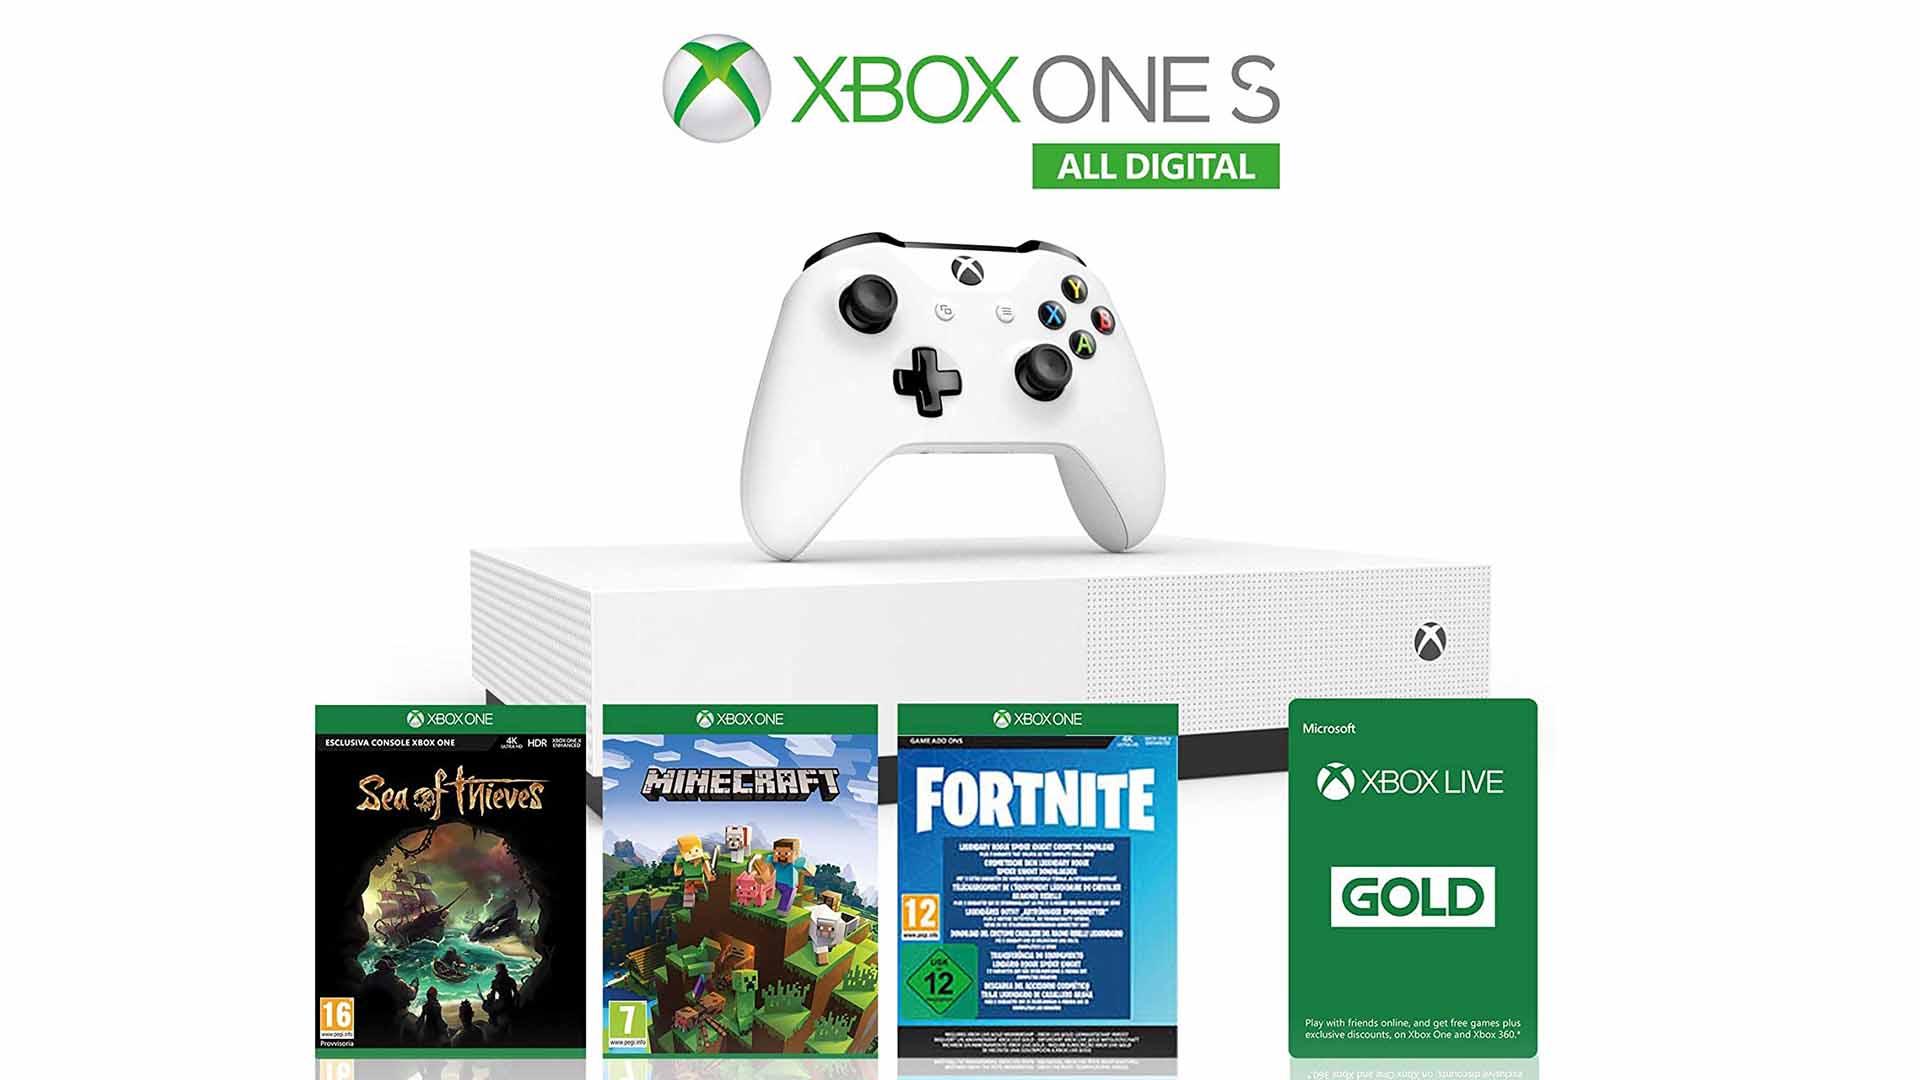 Xbox One S offerta: mai vista a questo prezzo su Amazon thumbnail